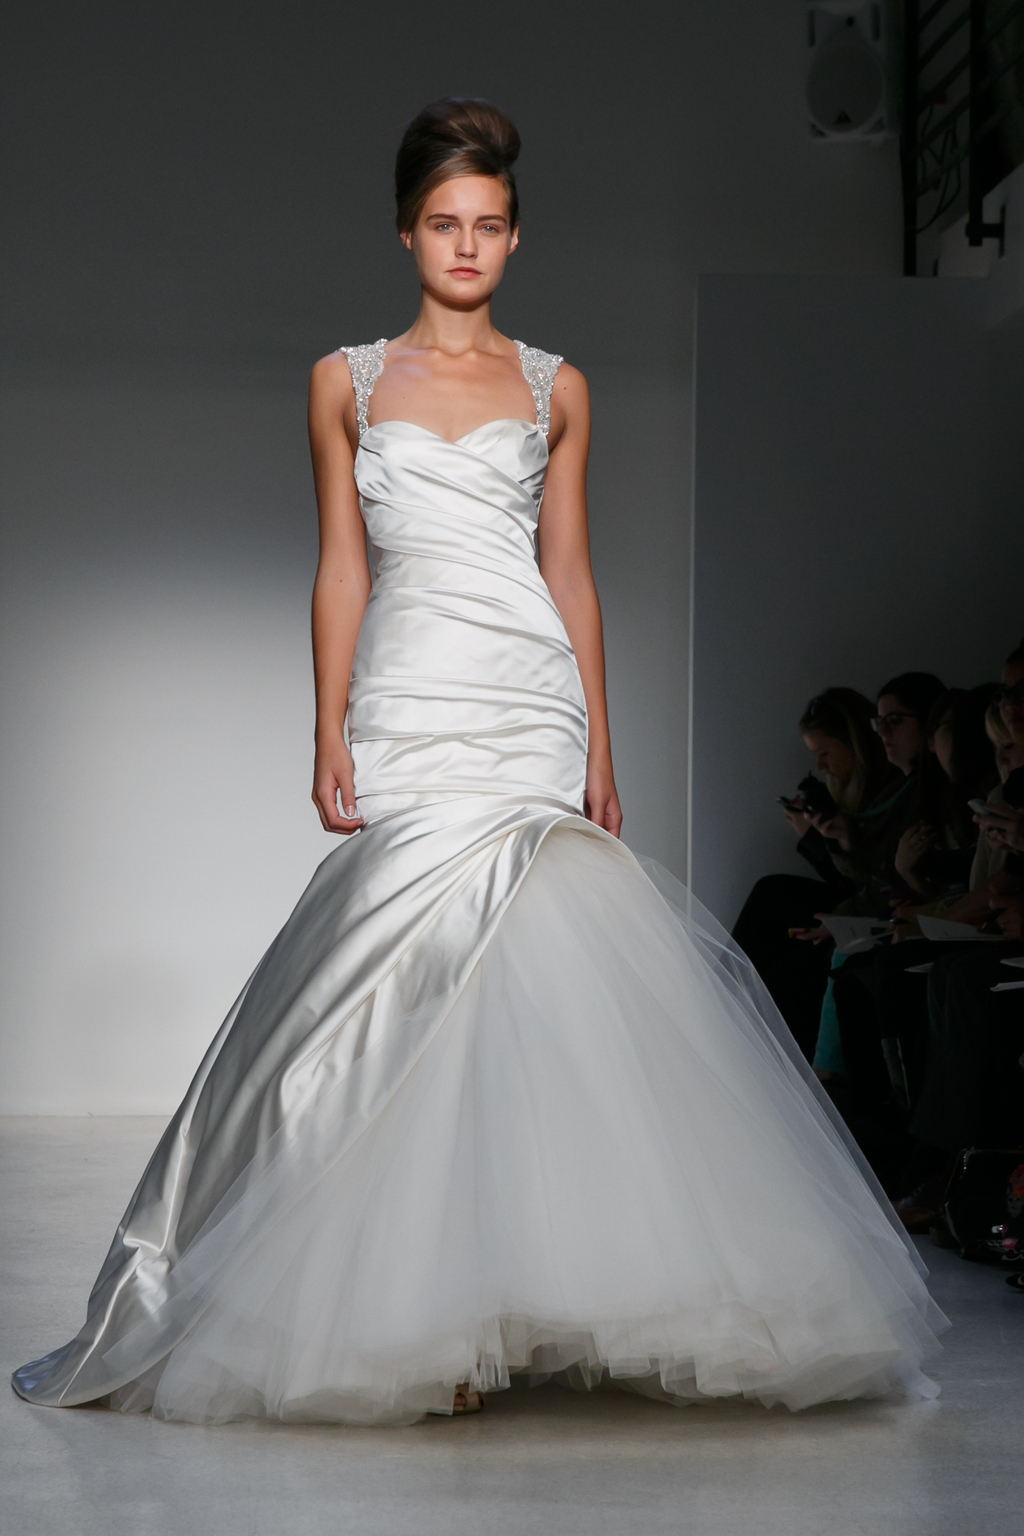 Fall-2013-wedding-dress-kenneth-pool-by-amsale-bridal-gowns-2.full